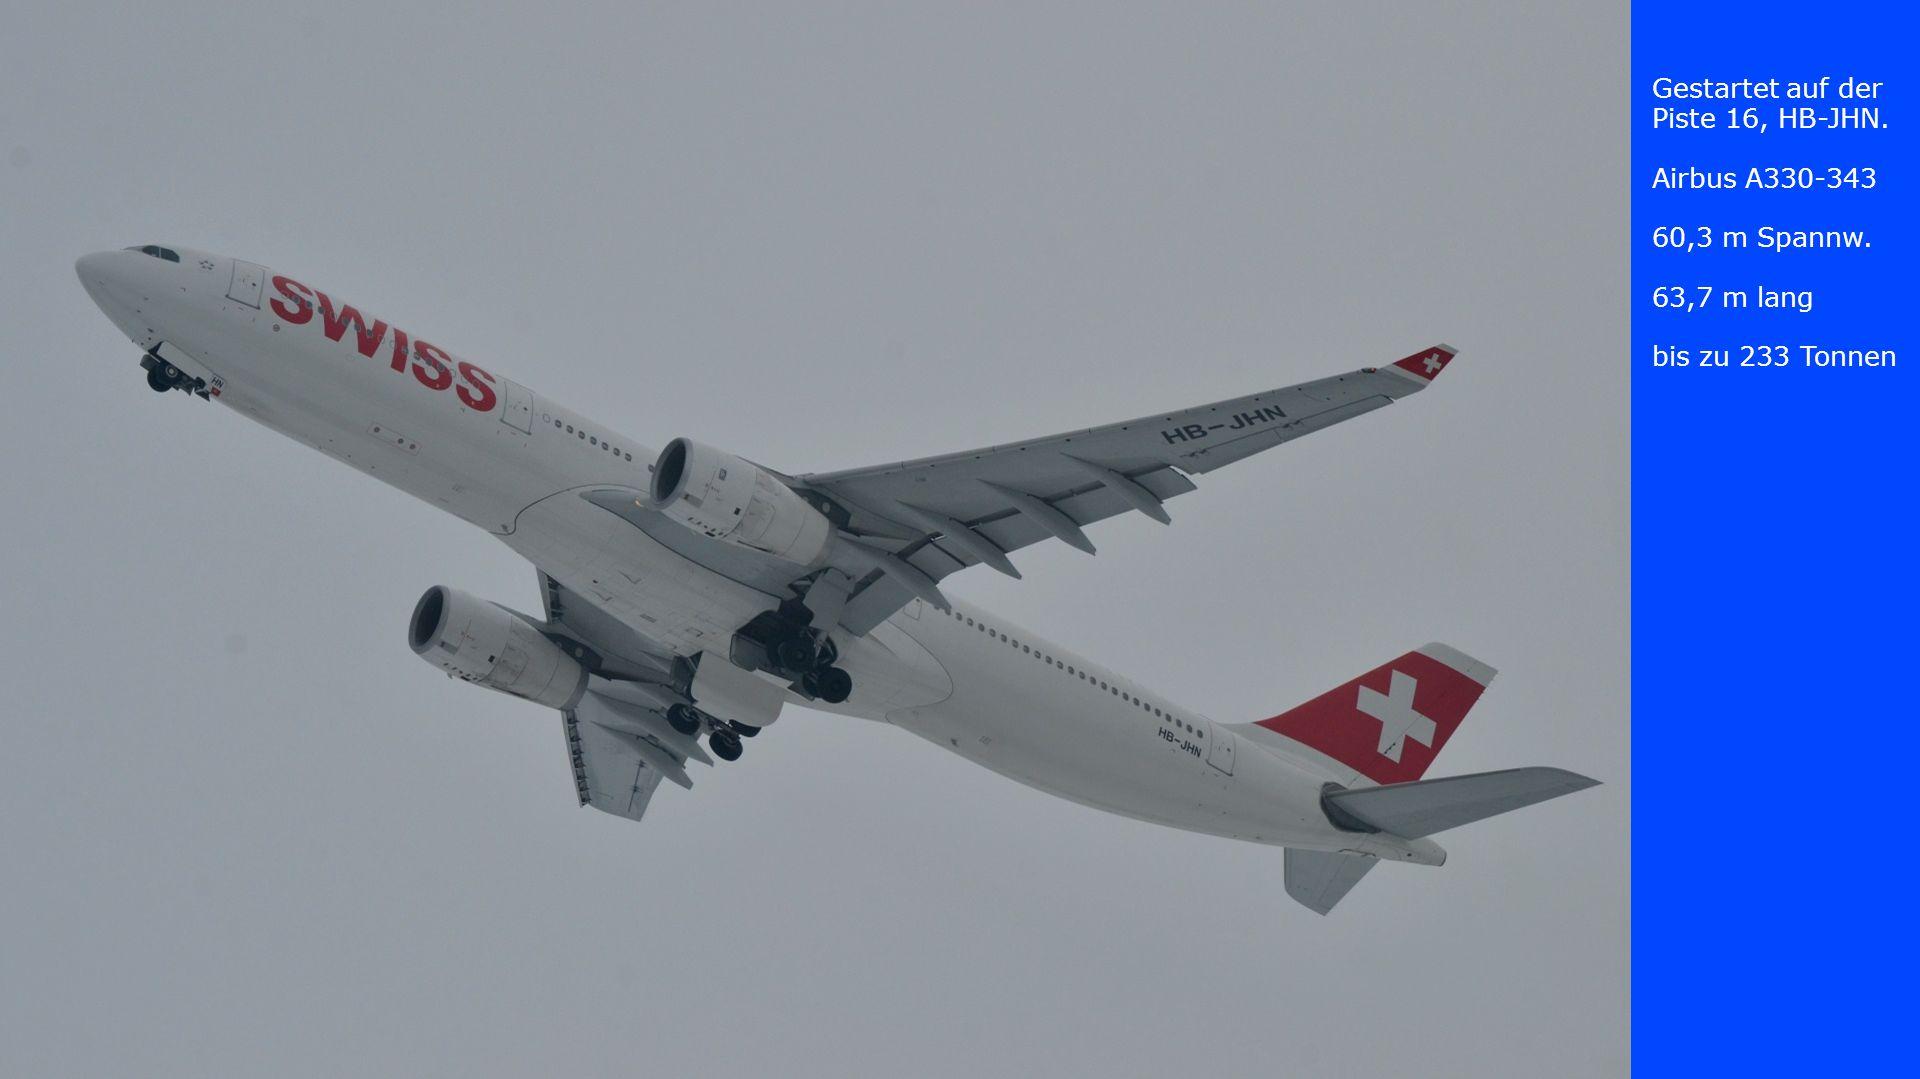 Gestartet auf der Piste 16, HB-JMH.Airbus A340-313 60,3 m Spannw.